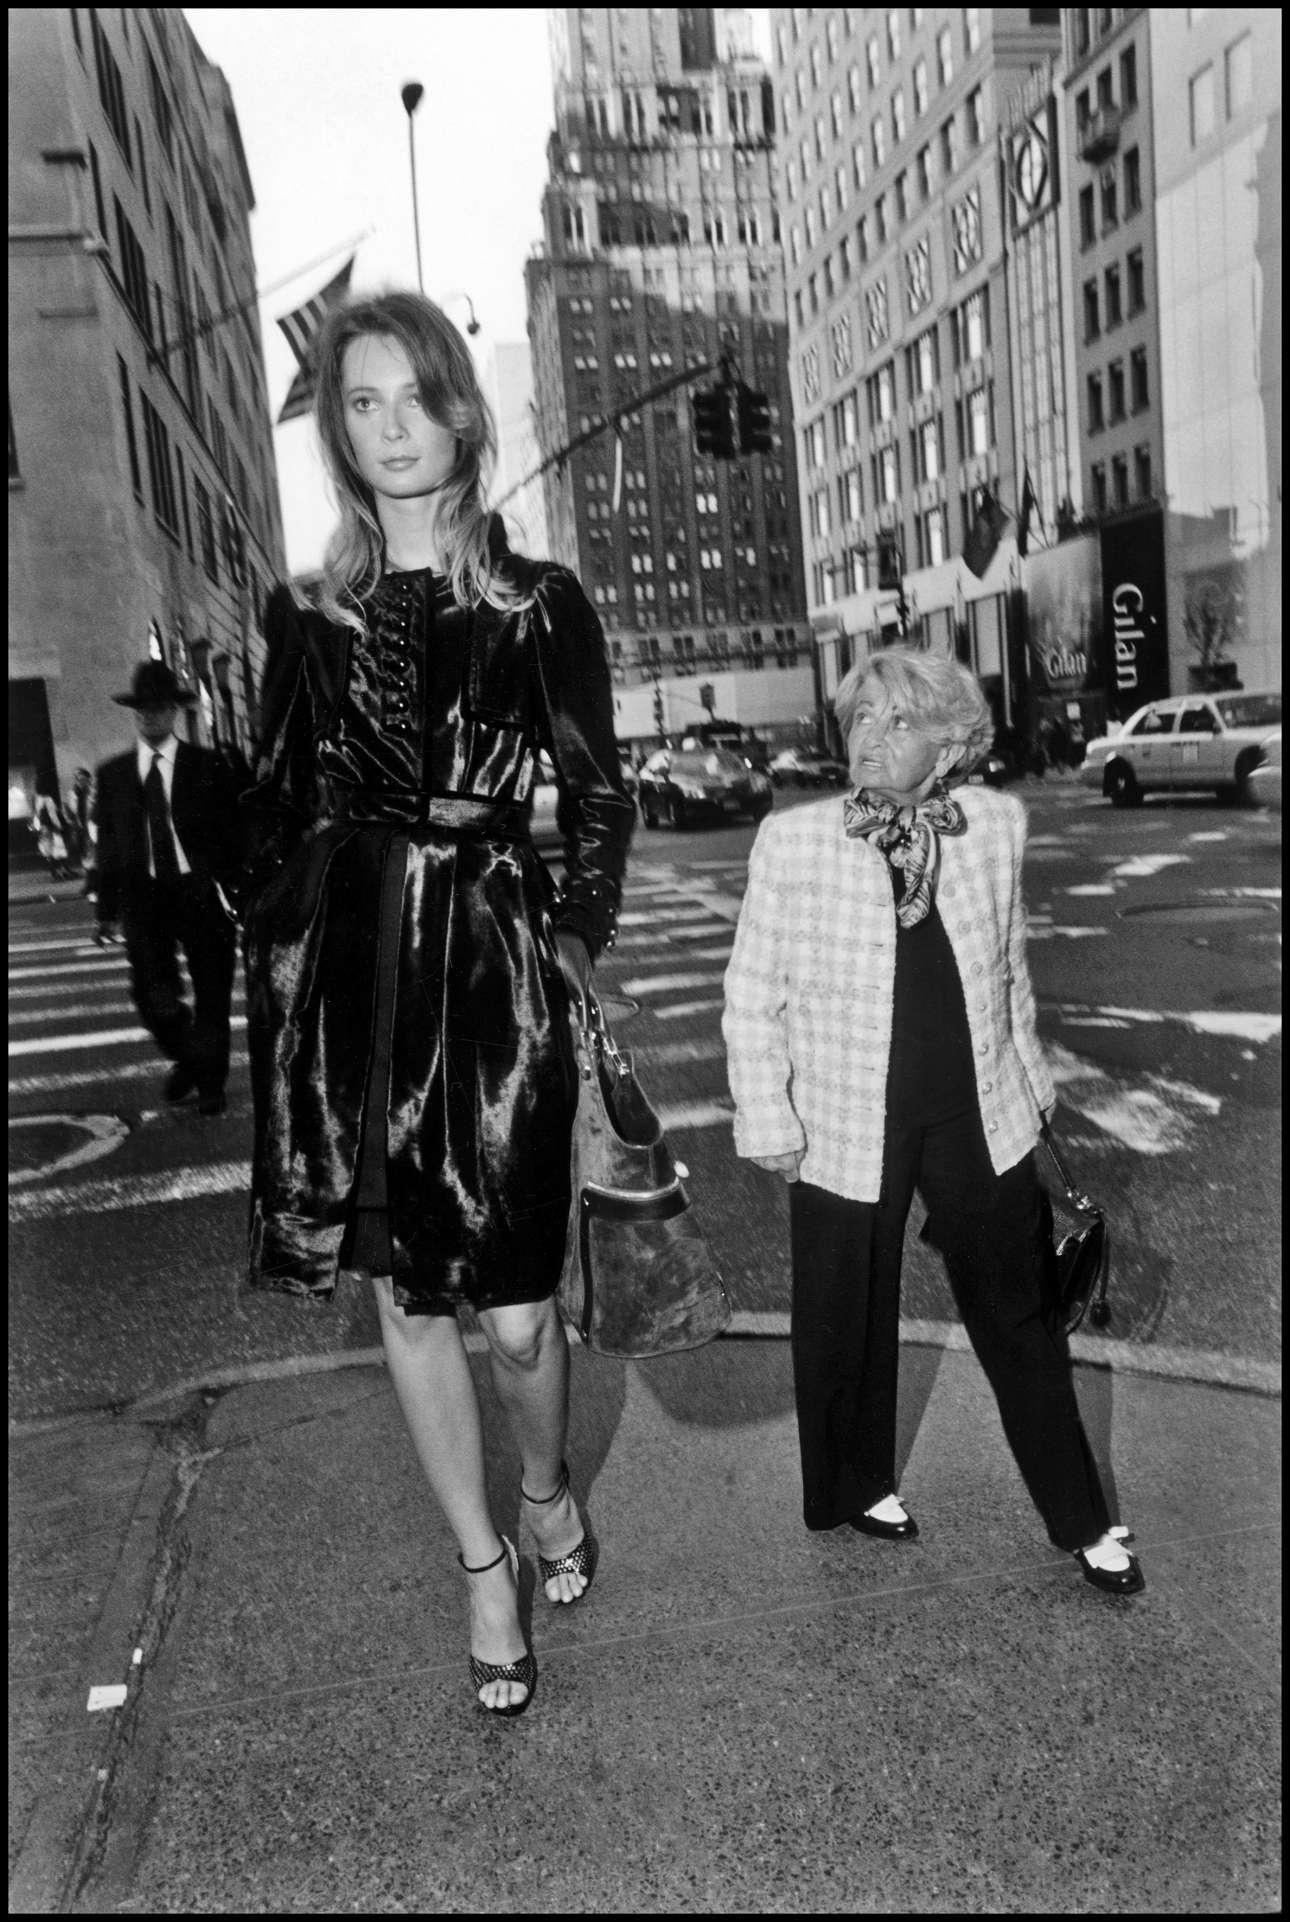 Νέα Υόρκη, 2015. Ημουν σε μια φωτογράφιση μόδας για το περιοδικό New York Times και είχαμε σχεδόν τελειώσει. Το μοντέλο ήταν πολύ ψηλό (1,88 αν δεν κάνω λάθος). Περπατούσαμε στην 5η Λεωφόρο και είδα αυτή τη μικρή κυρία να περπατάει στην ίδια κατεύθυνση με εμάς. Τράβηξα τη φωτογραφία όταν ήρθε παράλληλα με το μοντέλο και γύρισε και την κοίταξε σαν να ήταν γίγαντας»